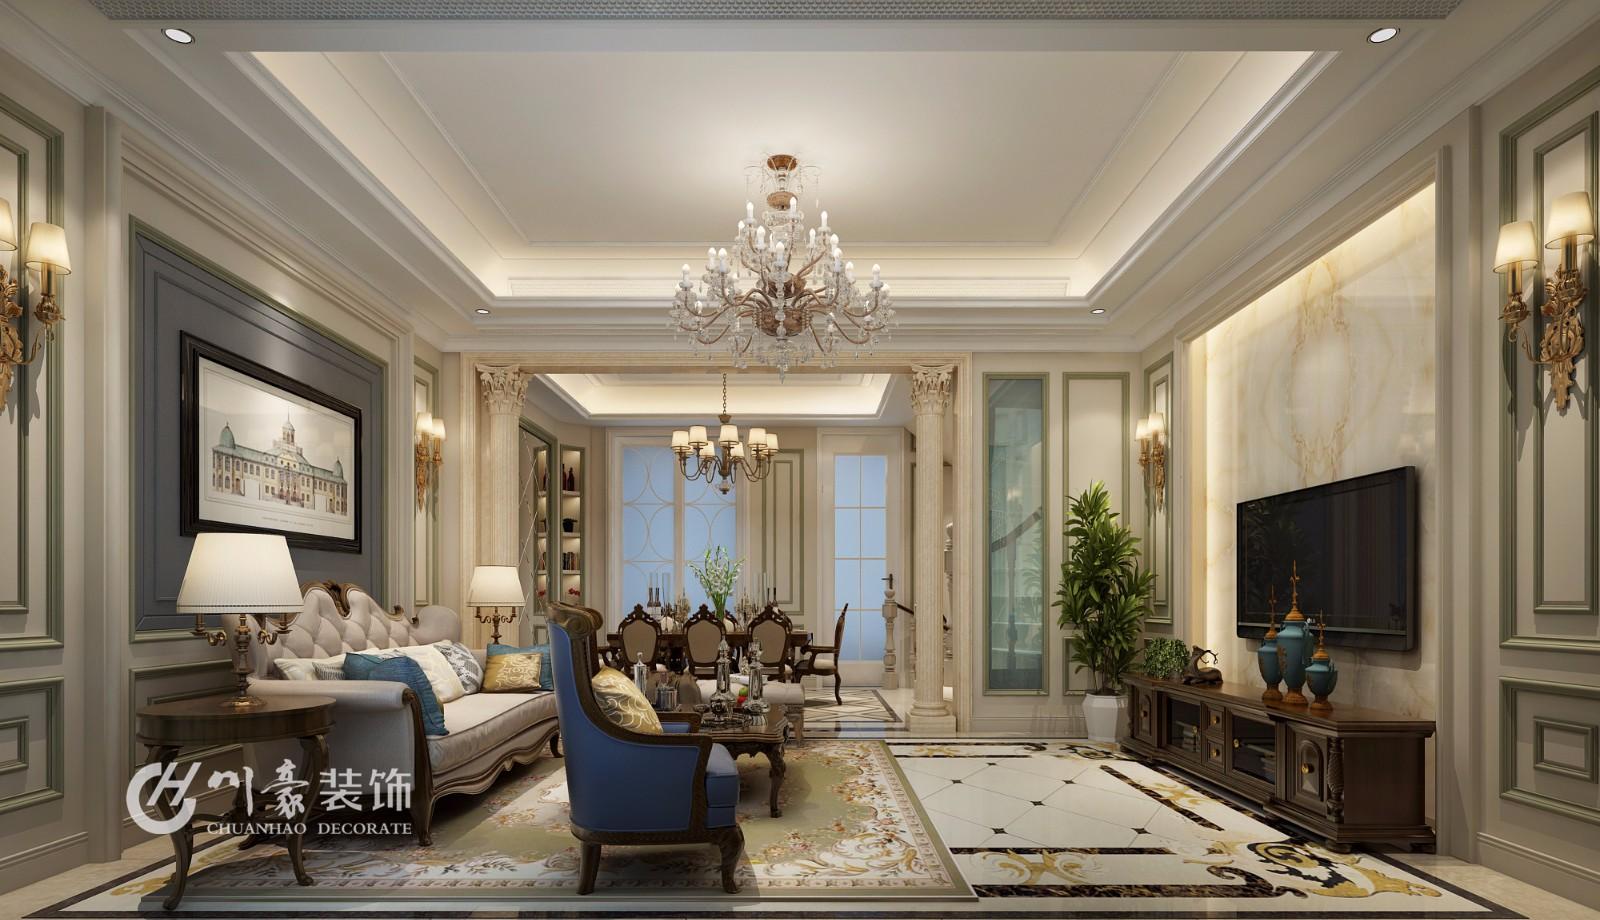 合肥川豪中海央墅368平美式风格装修案例效果图